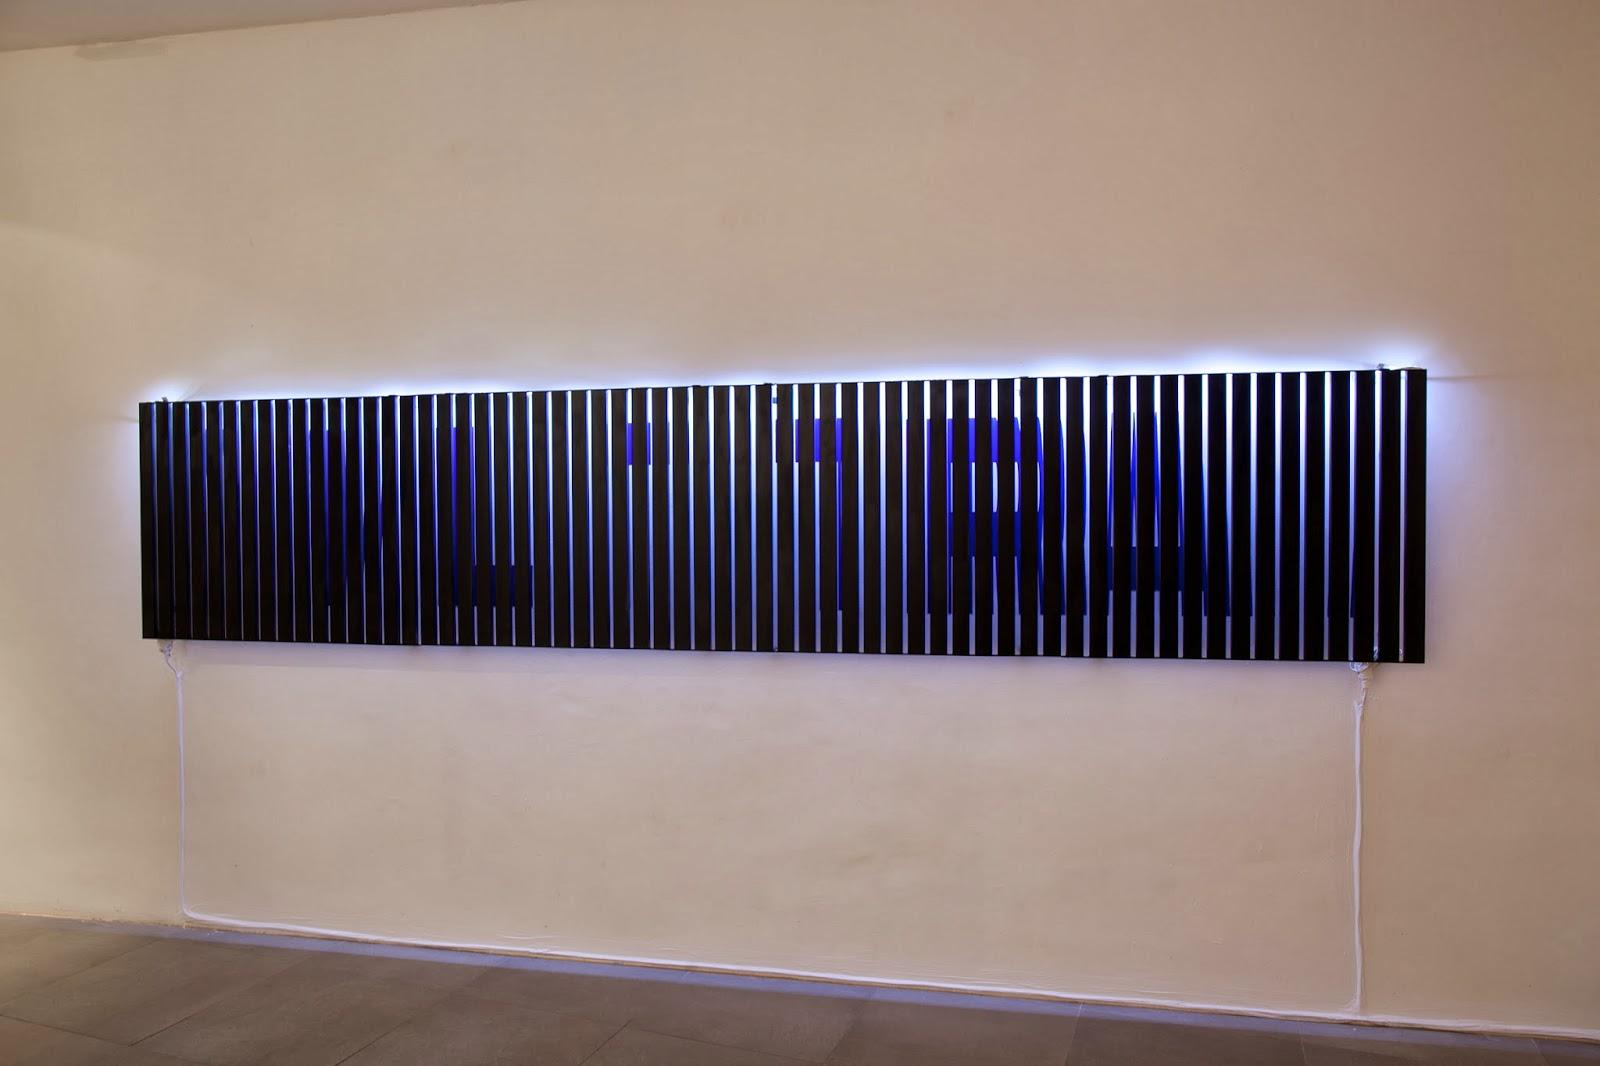 felipe-pantone-and-demsky-ultradinamica-at-galeria-mr-pink-04